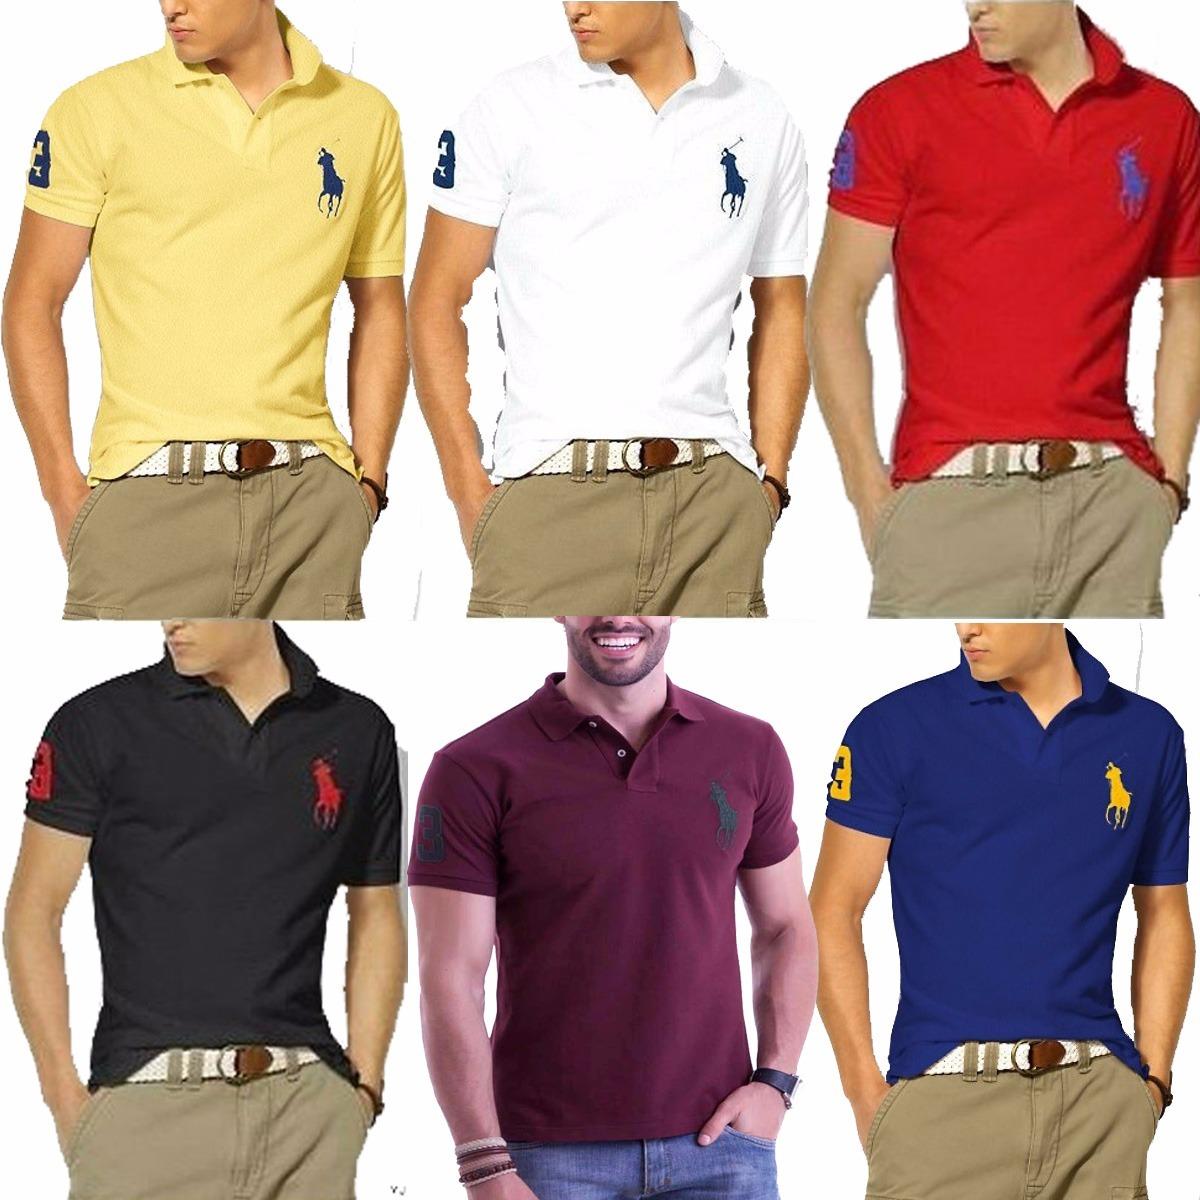 kit 10 camisas polo masculina atacado revenda varias marcas. Carregando  zoom. f19eb3974f